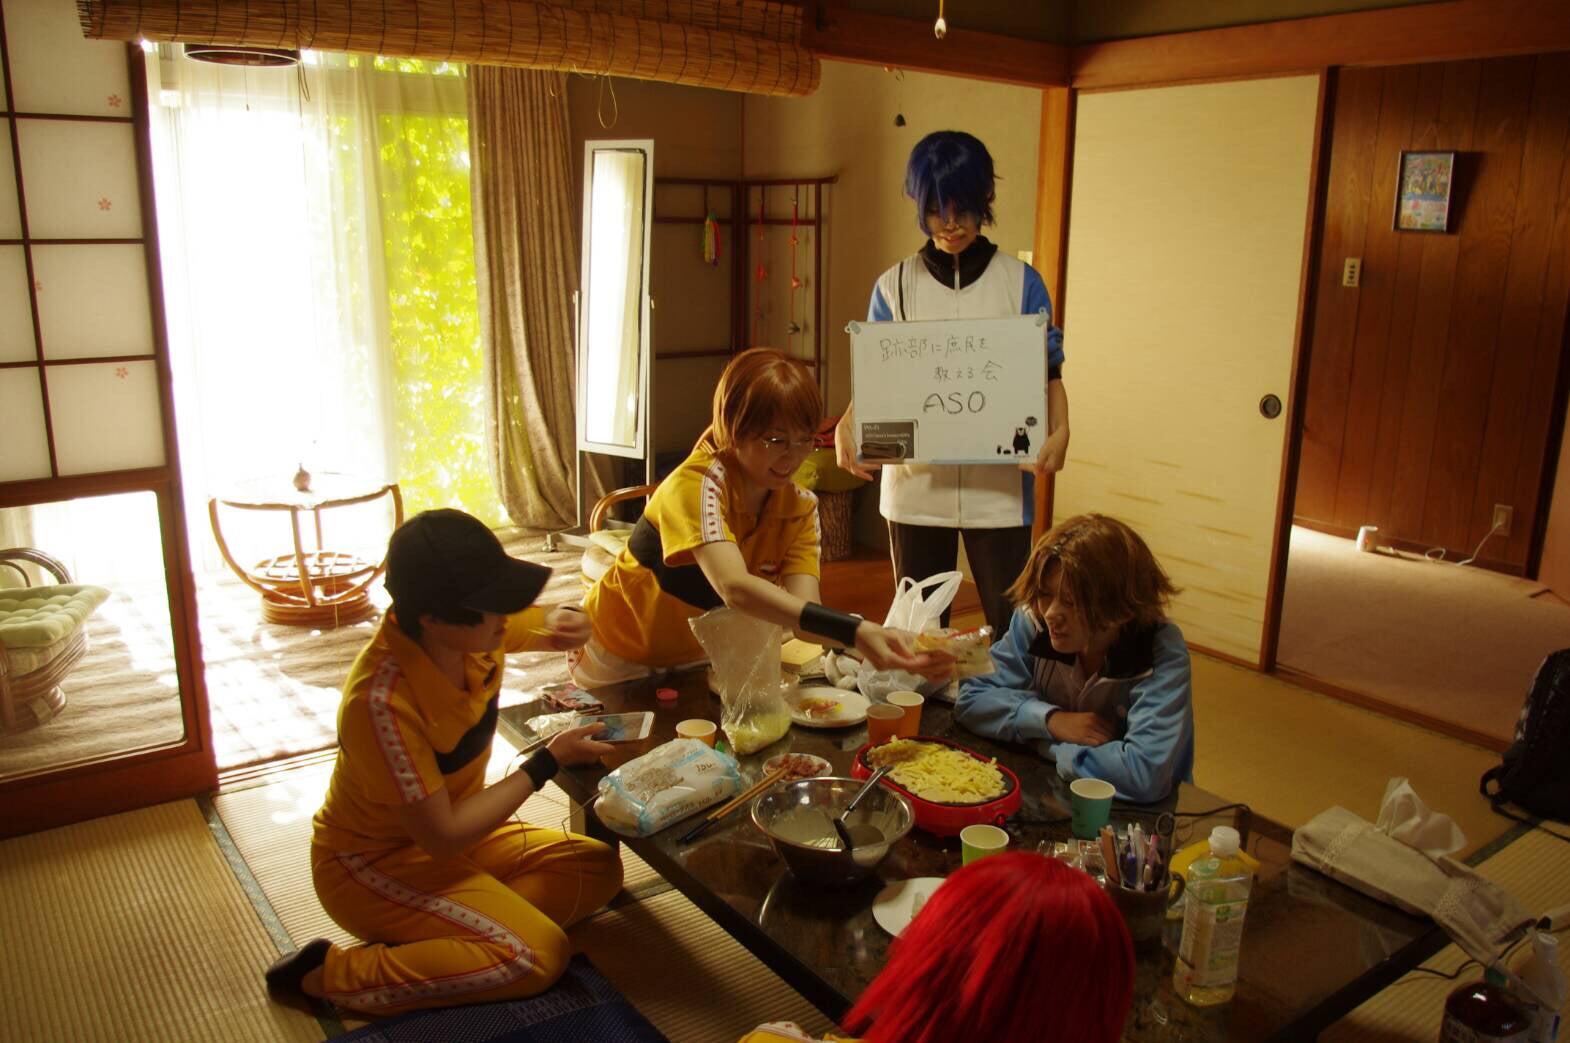 【福岡・宗像】昭和レトロな民家を貸し切ろう!撮影・会議・研修に Tarou's House (民家(庭付き)) の写真0